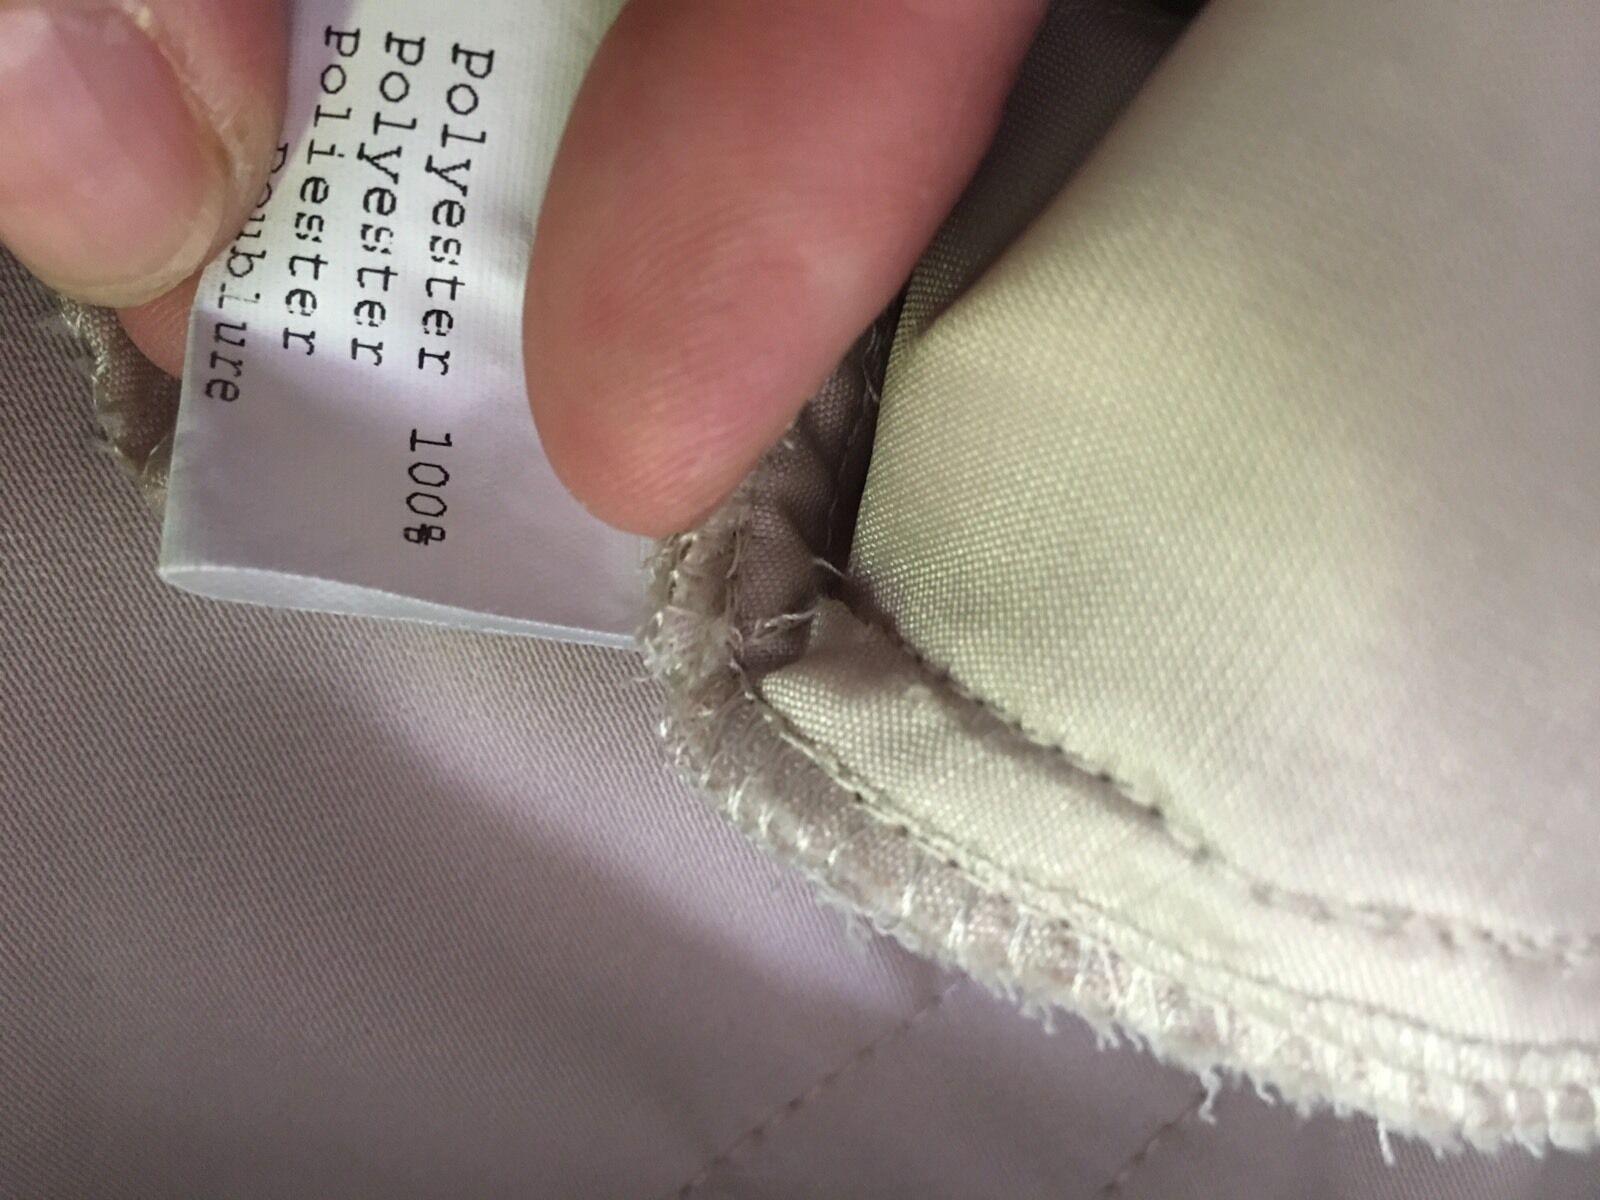 Pantalon Fluide Fluide Fluide Gerard Darel Beige Dimensione 36(petit) 794a1b